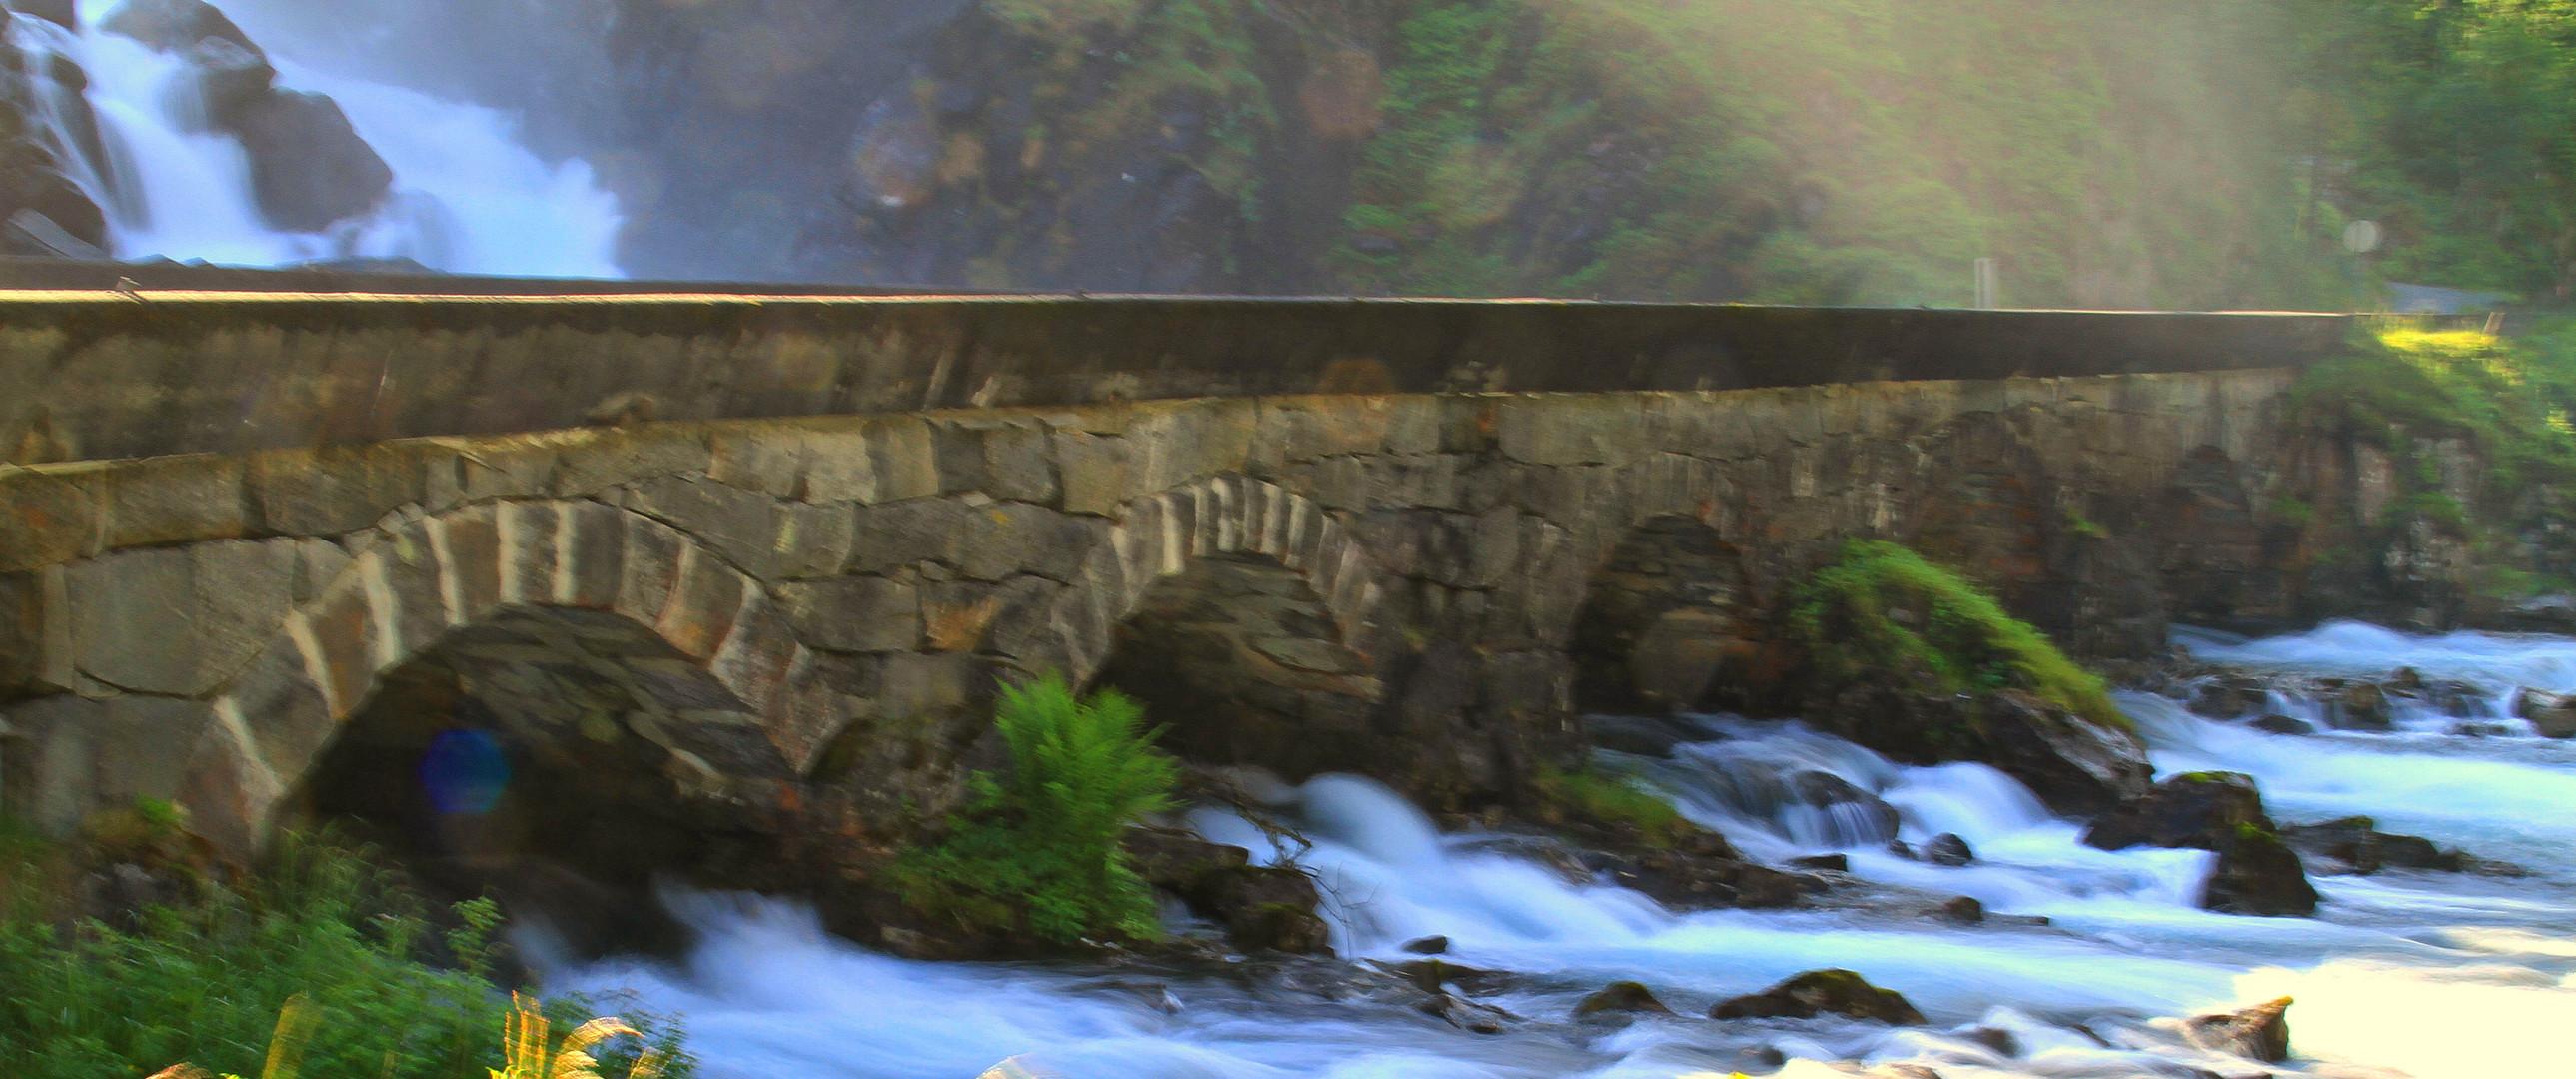 am Fusse eines Wasserfalles in Norwegen